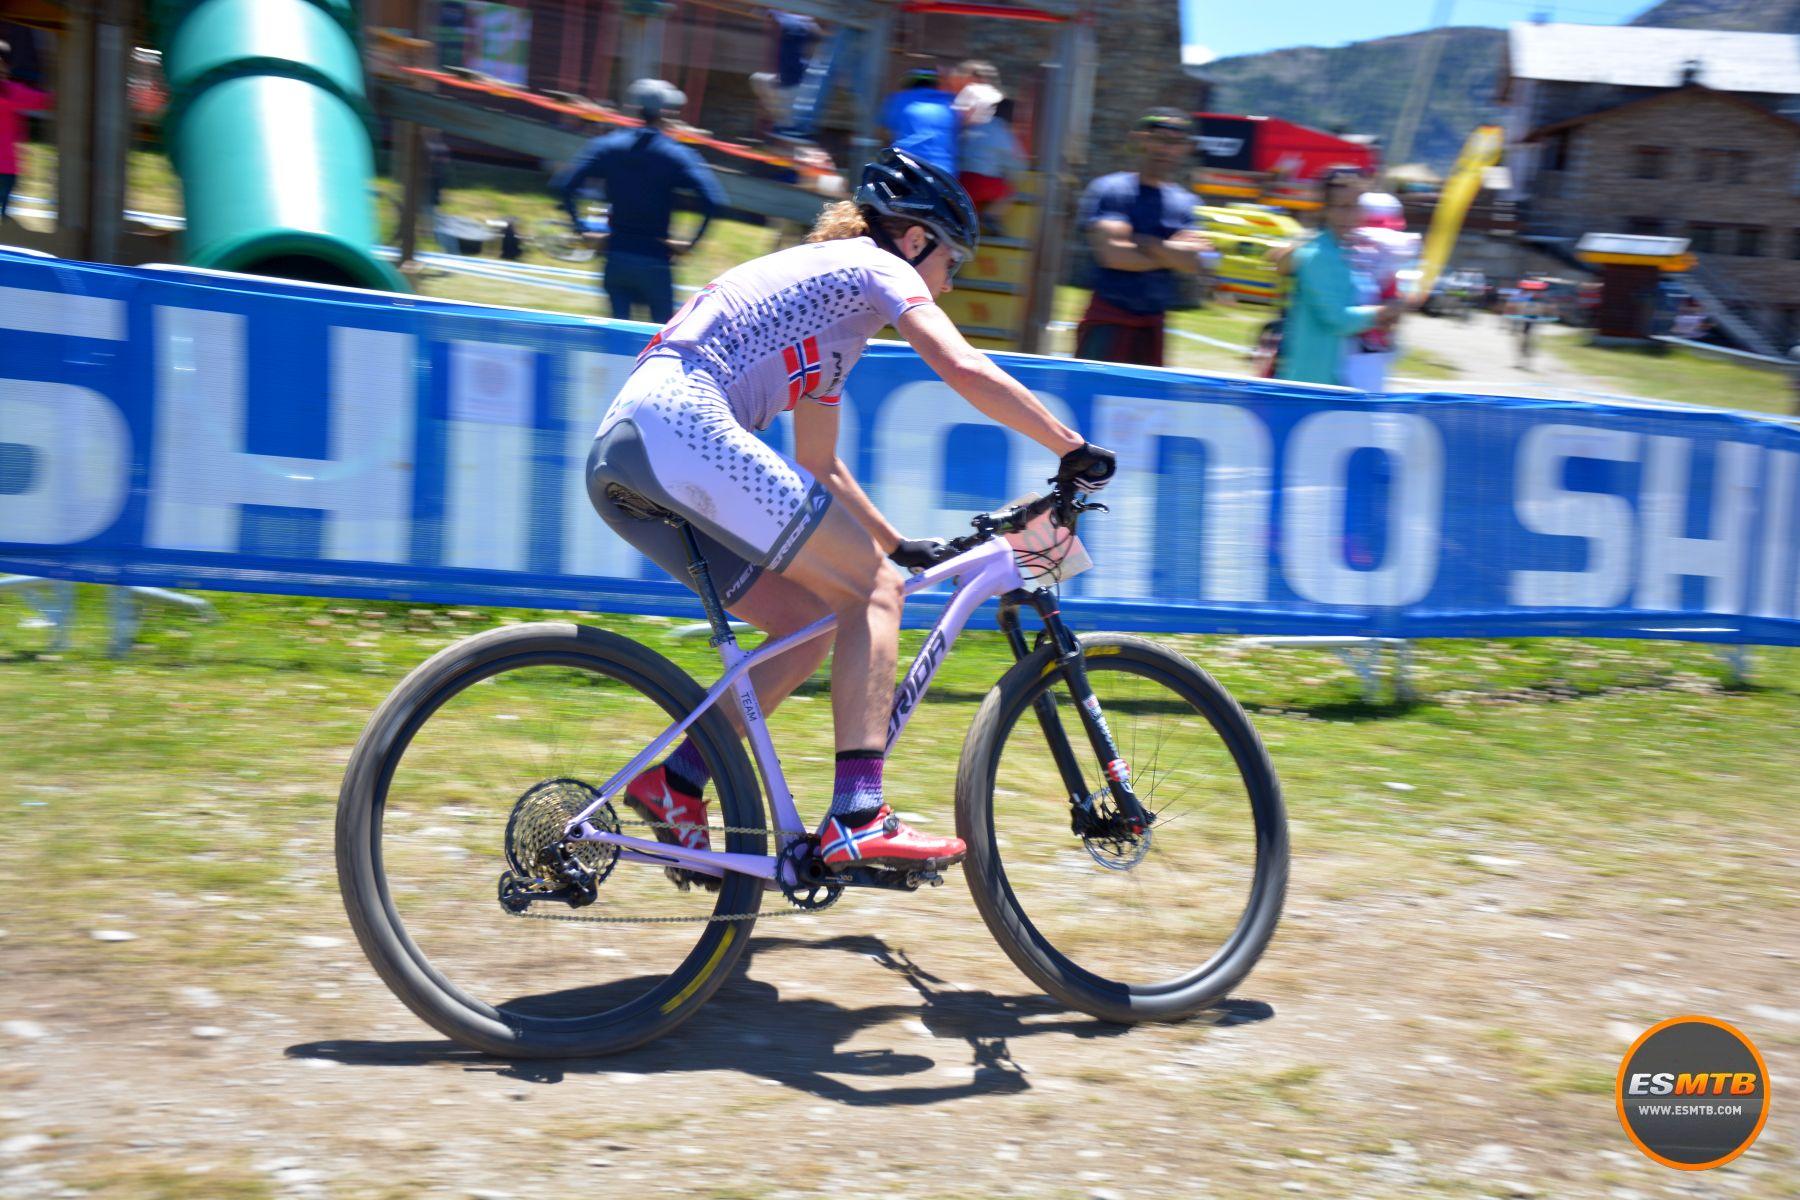 Gunn Rita Dahle logró una 3ª plaza que le sabía a podio. Pudimos hablar con ella. La noruega se muestra más relajada que nunca, satisfecha con sus resultados, con un calendario muy cargada y contenta de poder seguir viviendo el sueño de ser biker profesional.